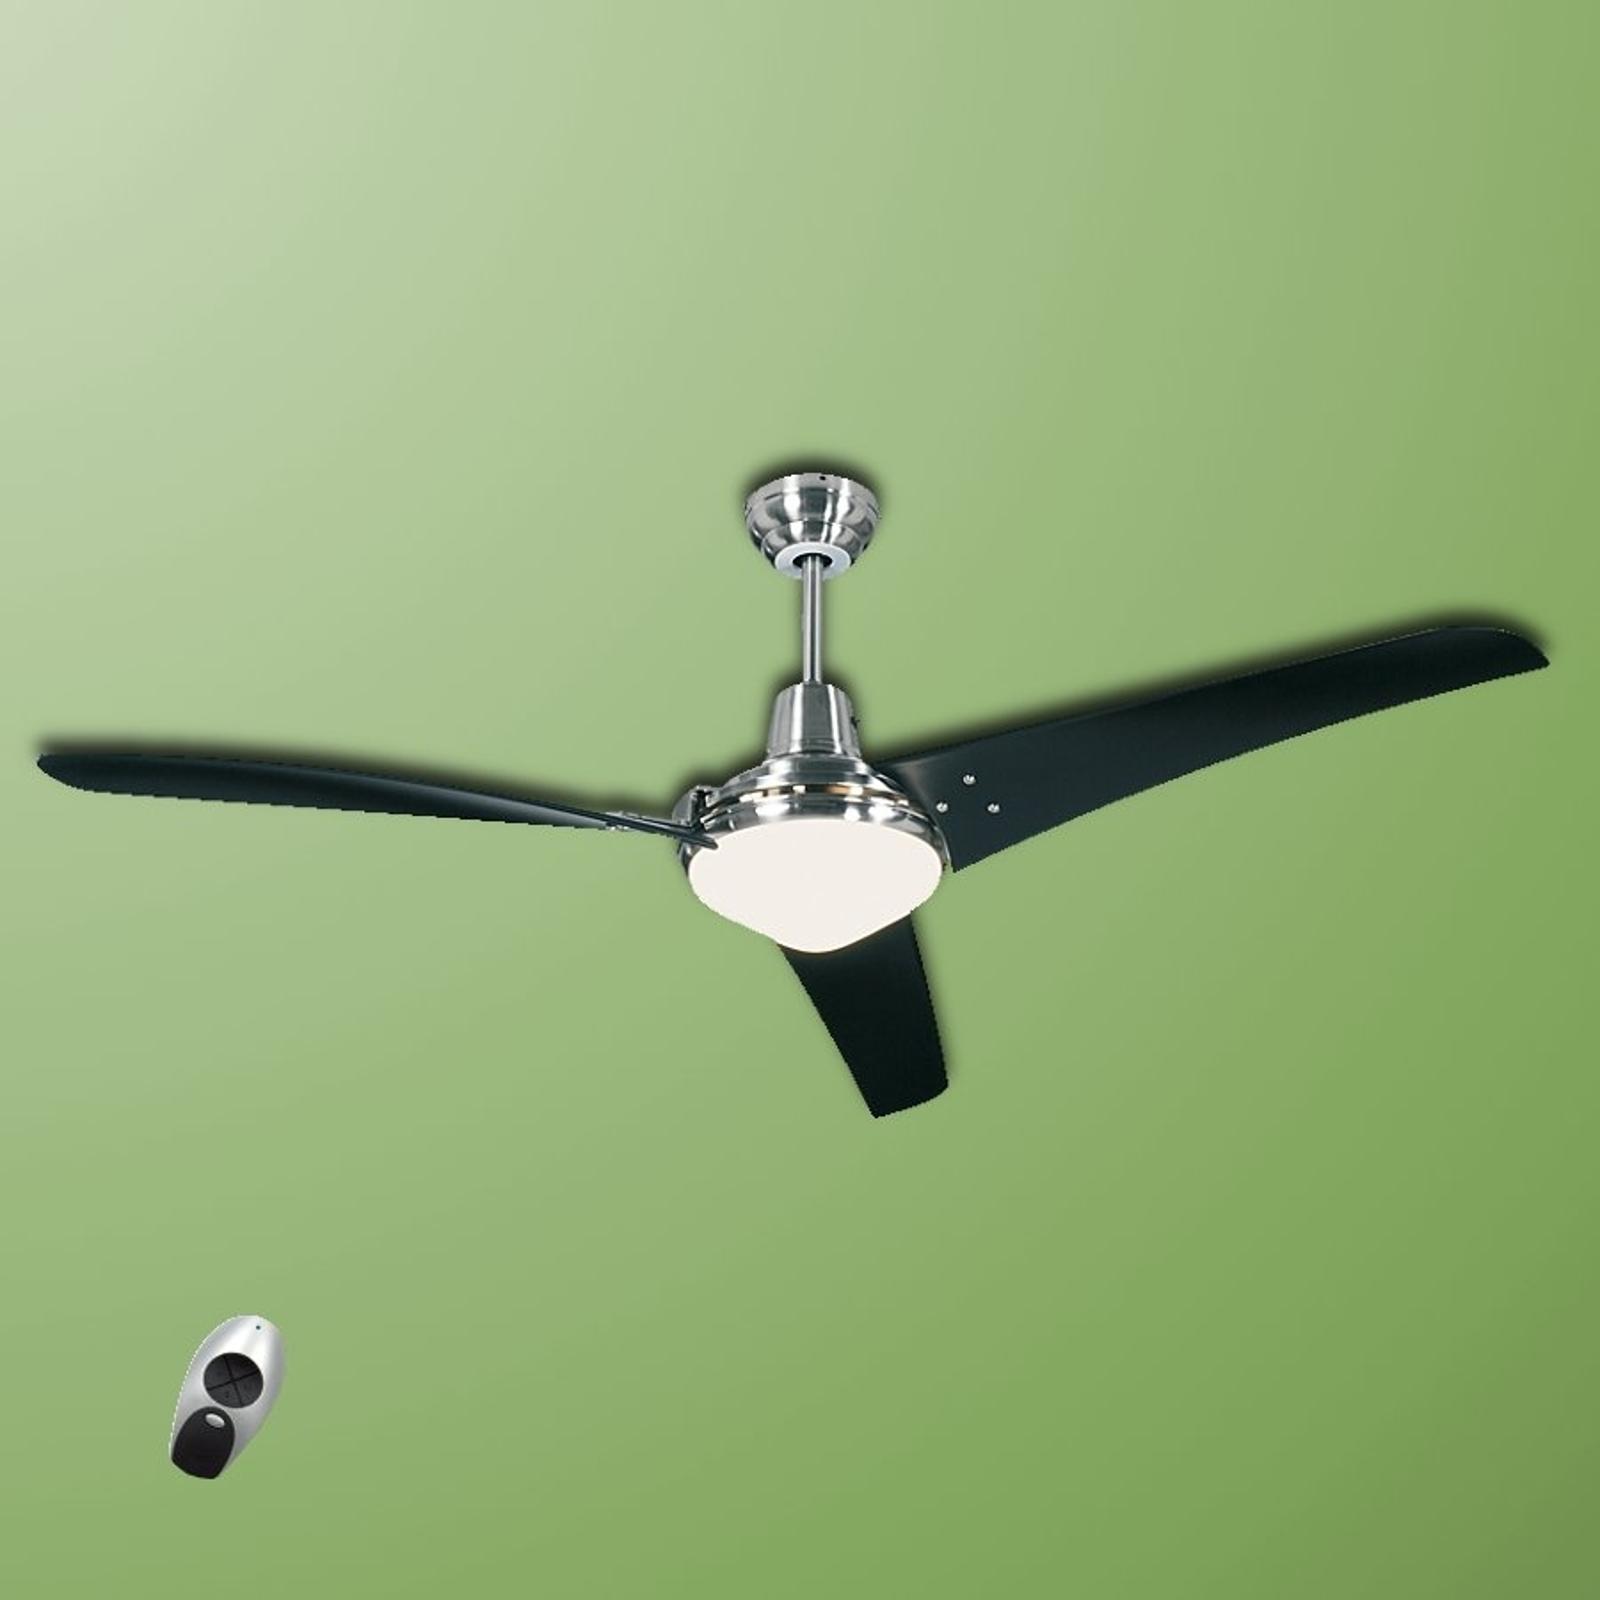 Nadčasový stropní ventilátor Mirage